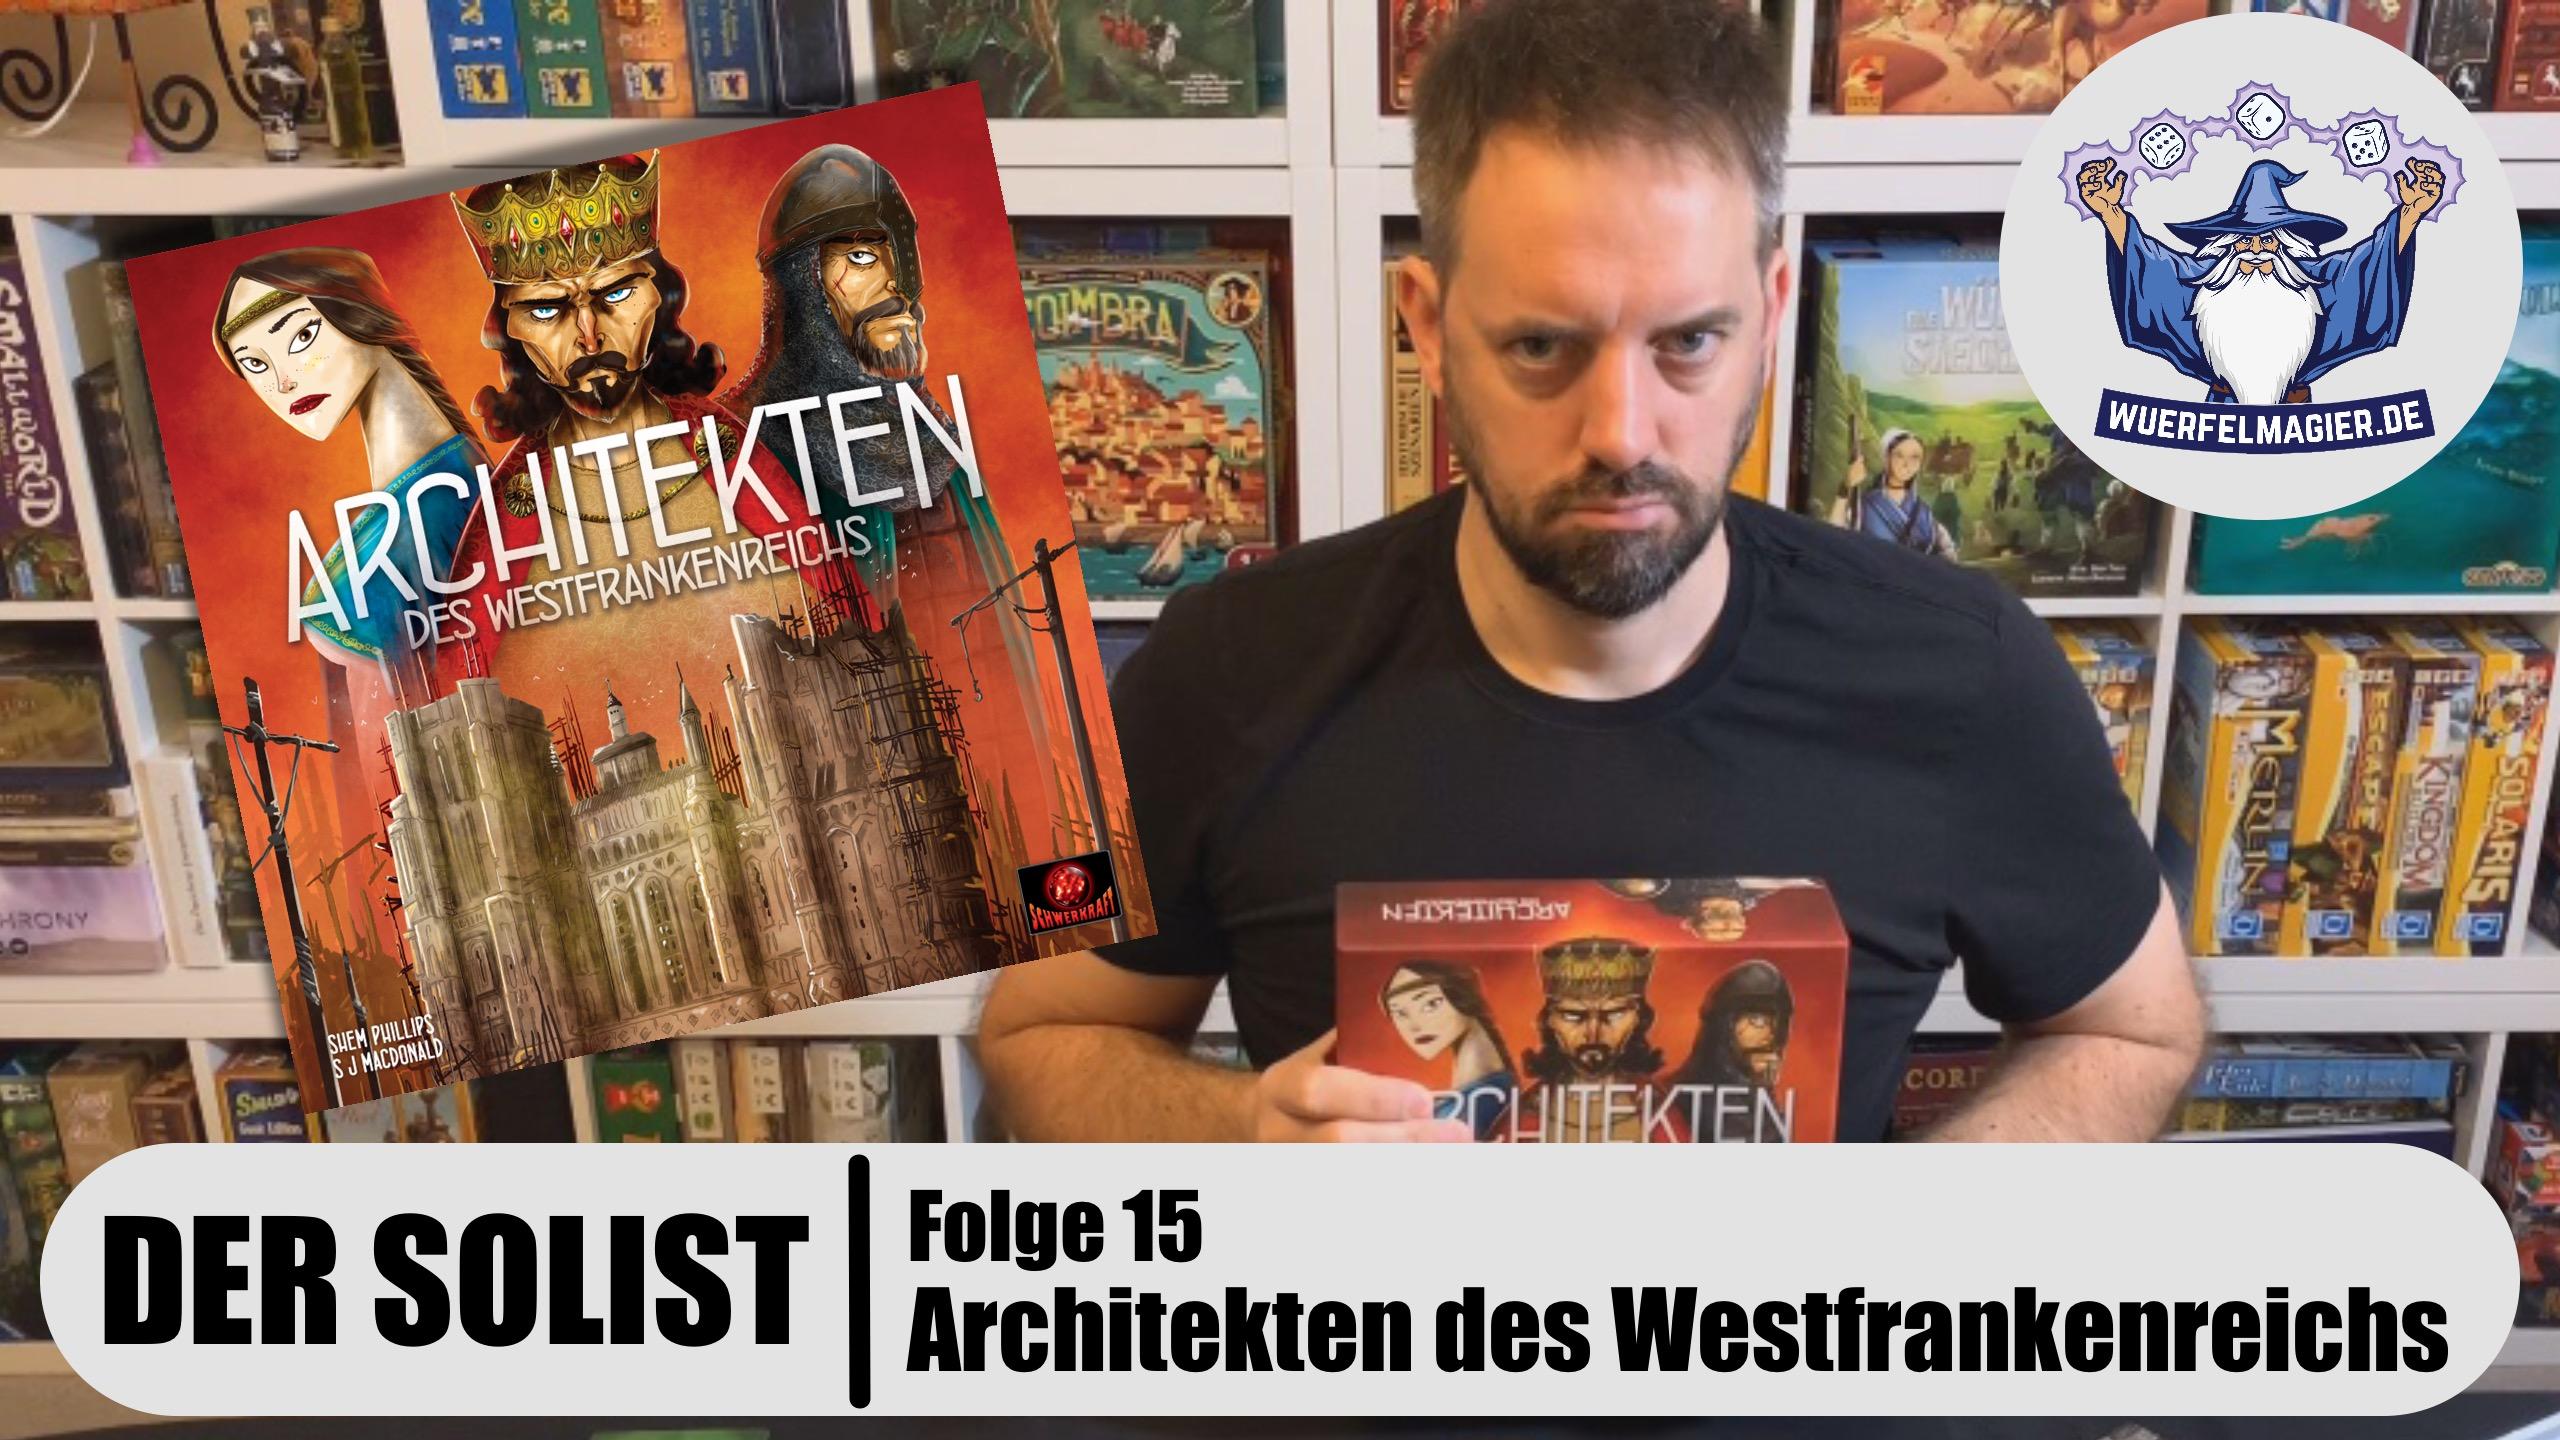 Der Solist Wuerfelmagier Würfelmagier Architeckten des Westfrankenreichs